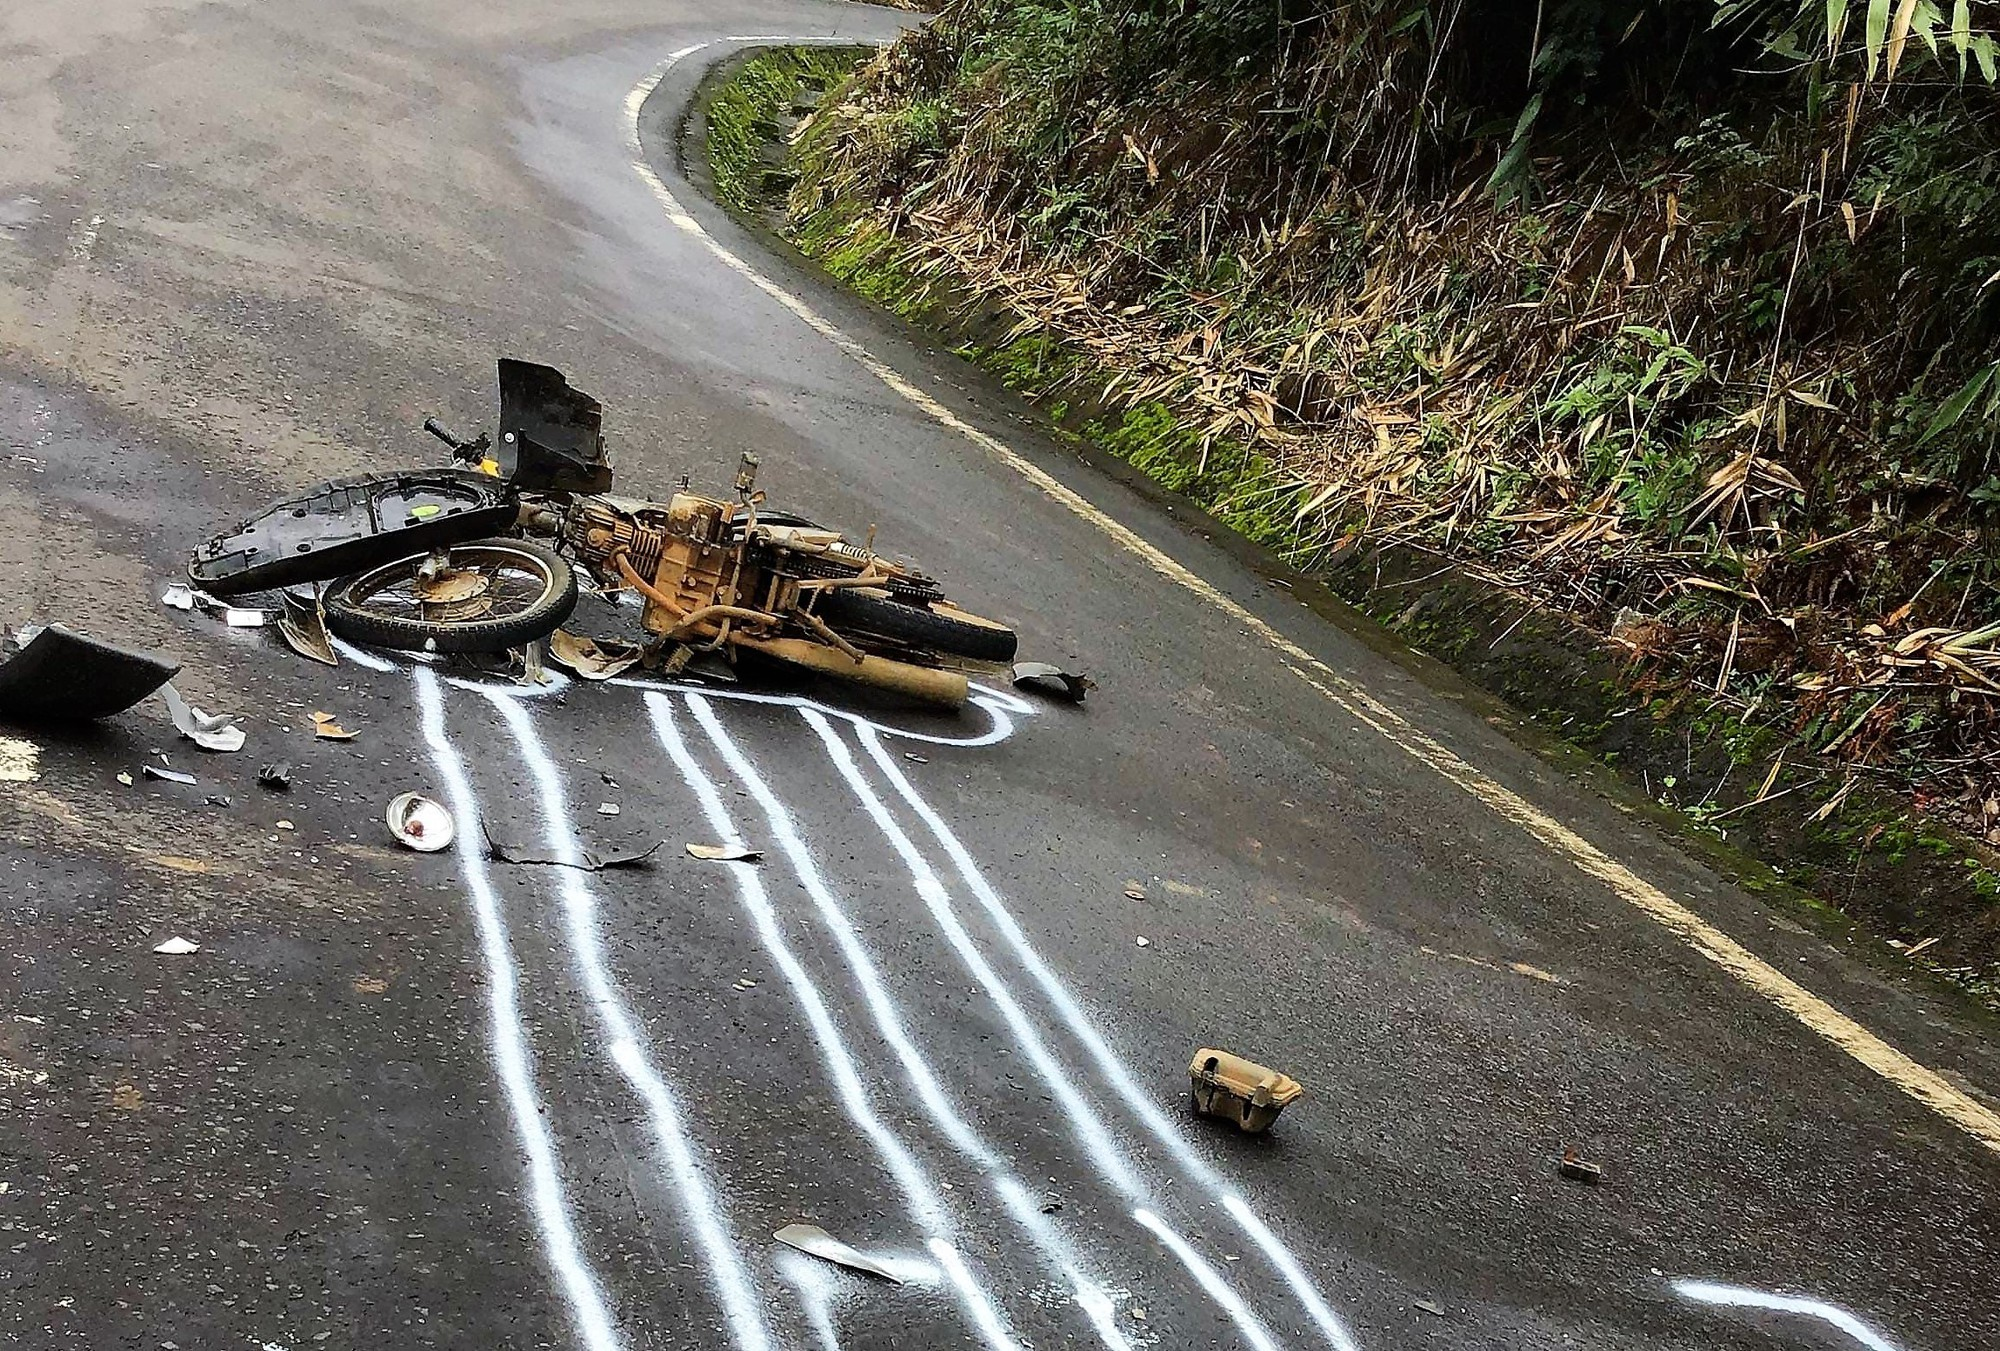 Chiếc xe máy bị hất văng xa, hư hỏng nặng.